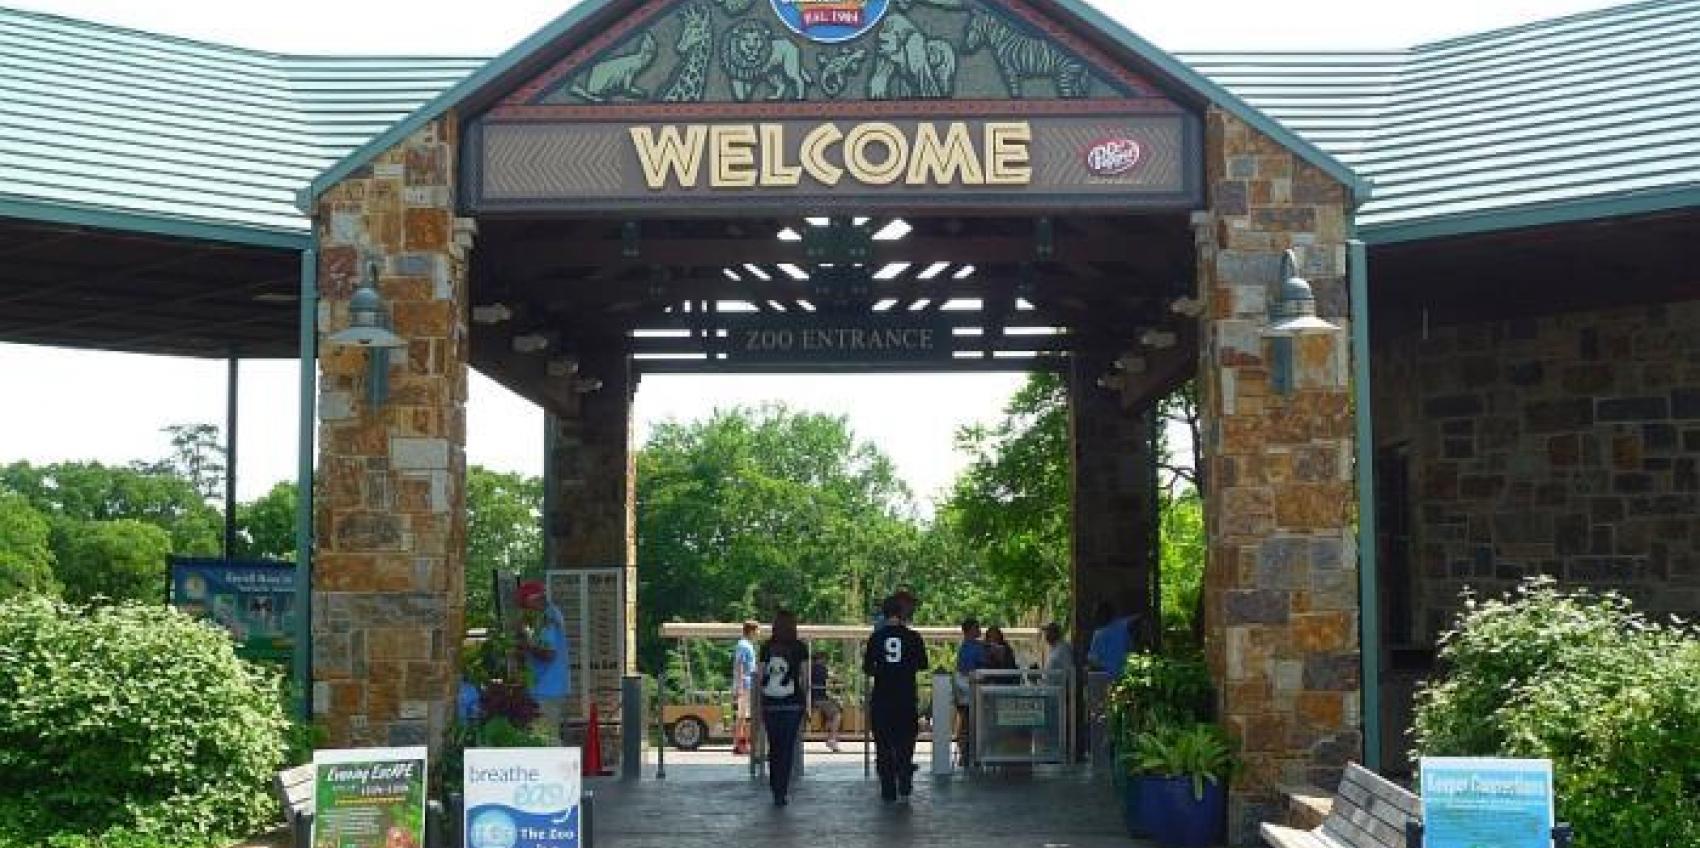 Oklahoma City Zoo Botanical Garden American Public Gardens Association